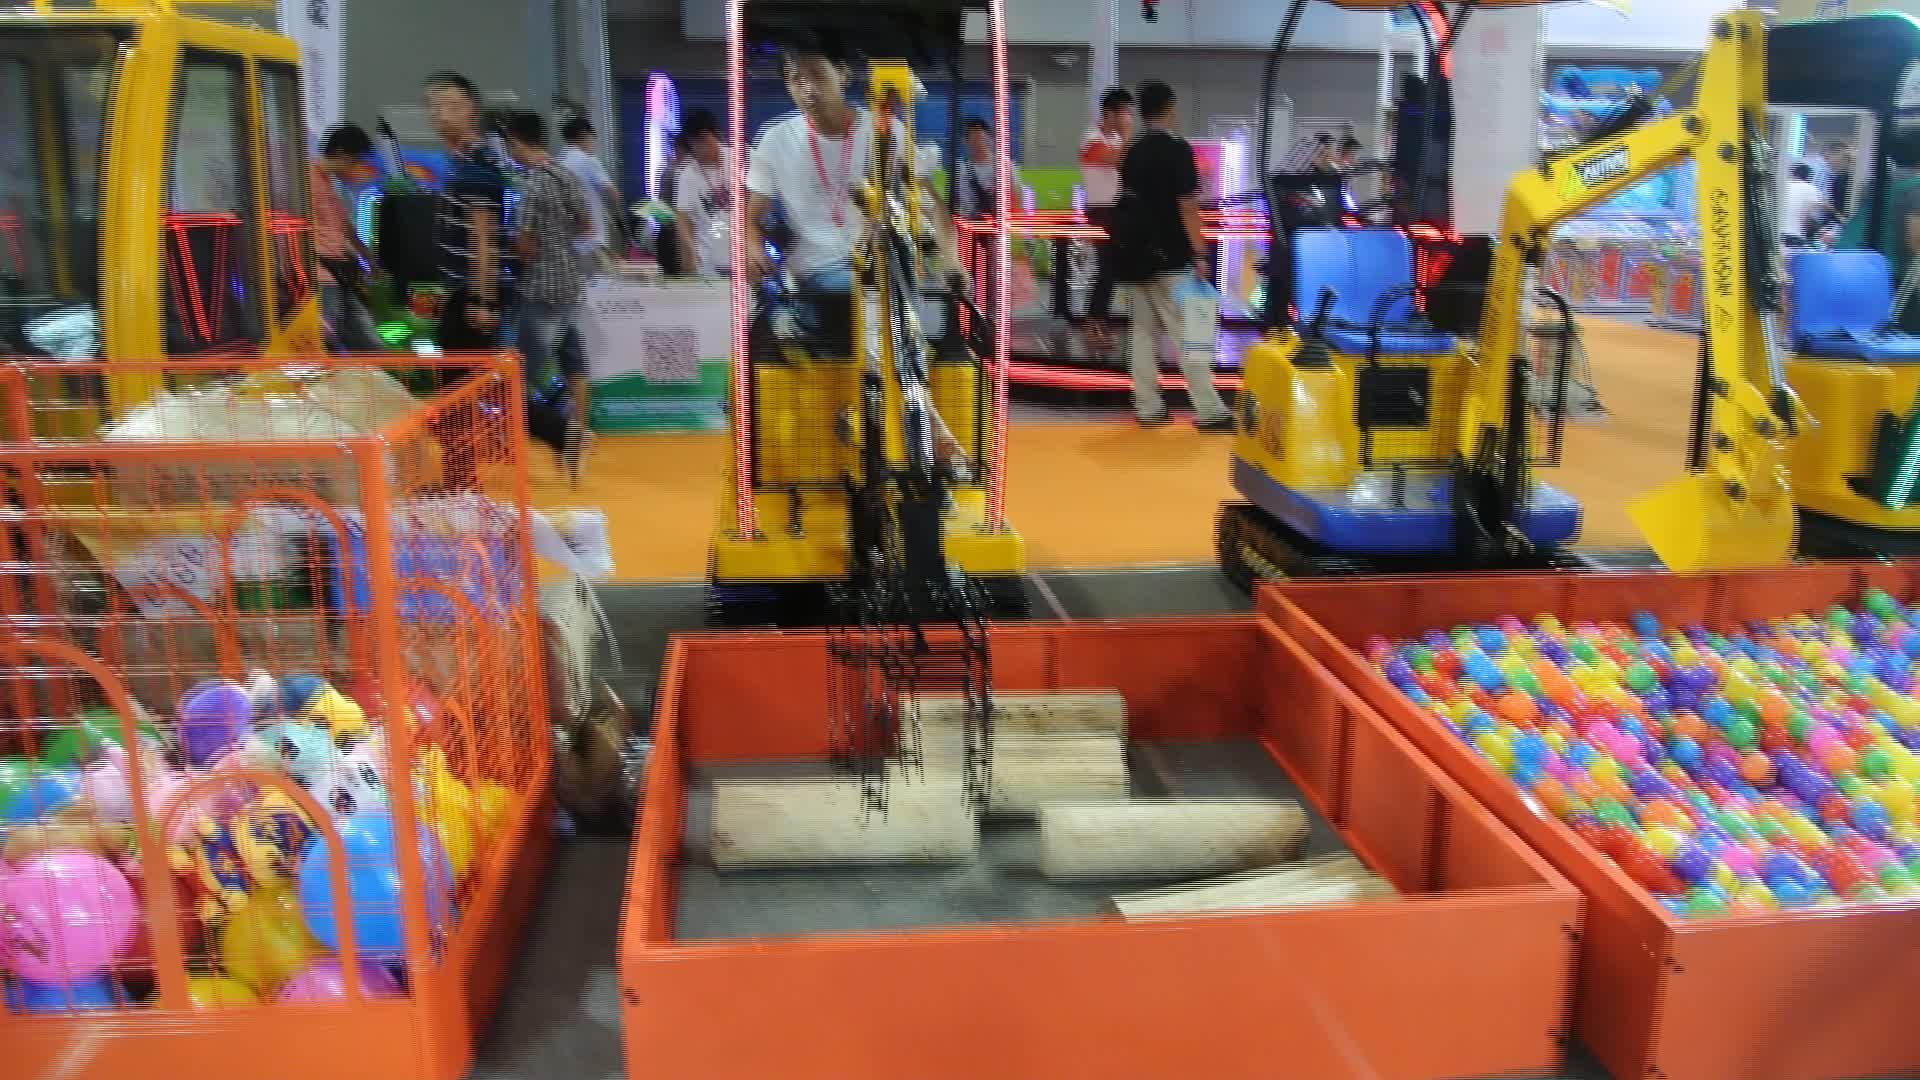 New design kid mini timber grab for amusement park